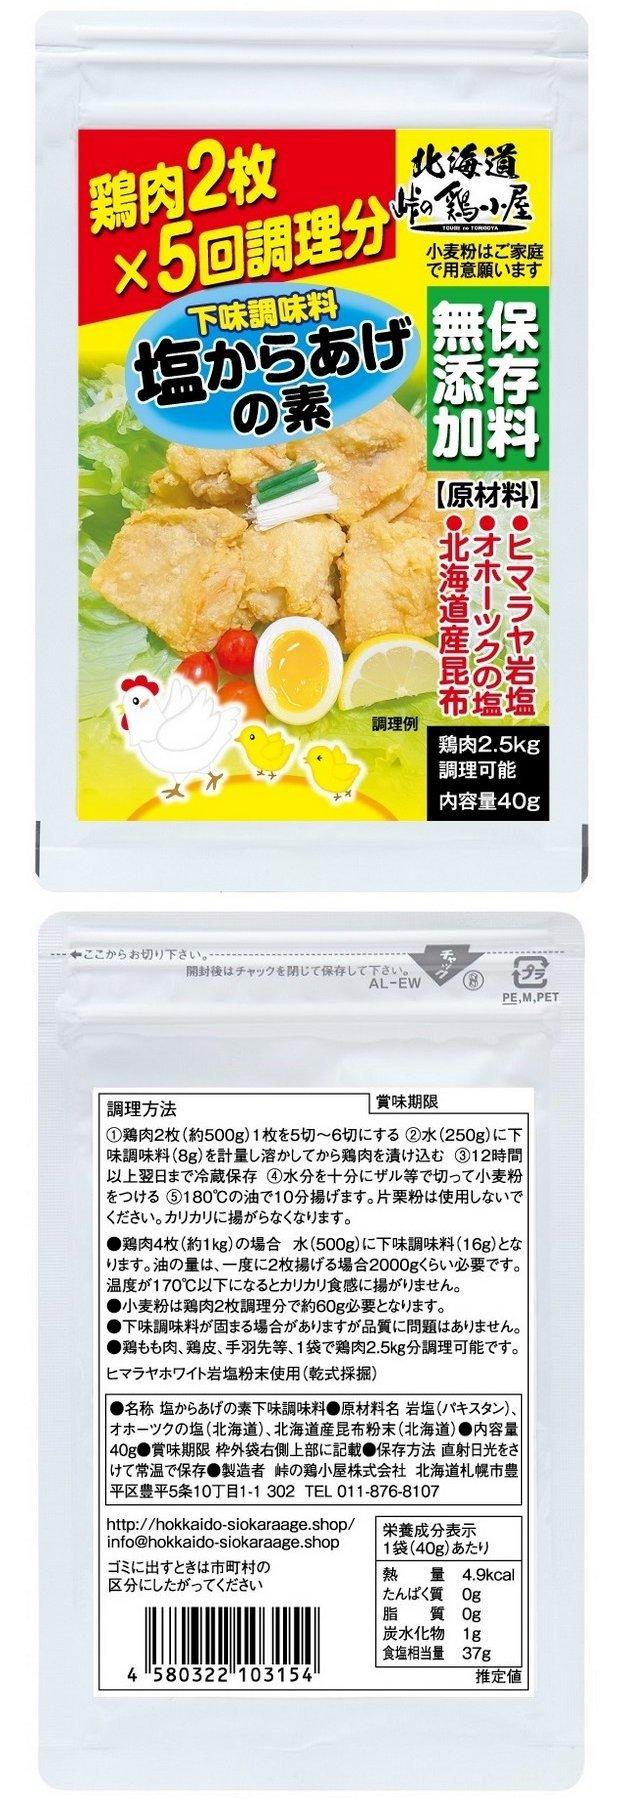 峠の鶏小屋 北海道 保存料無添加塩からあげの素